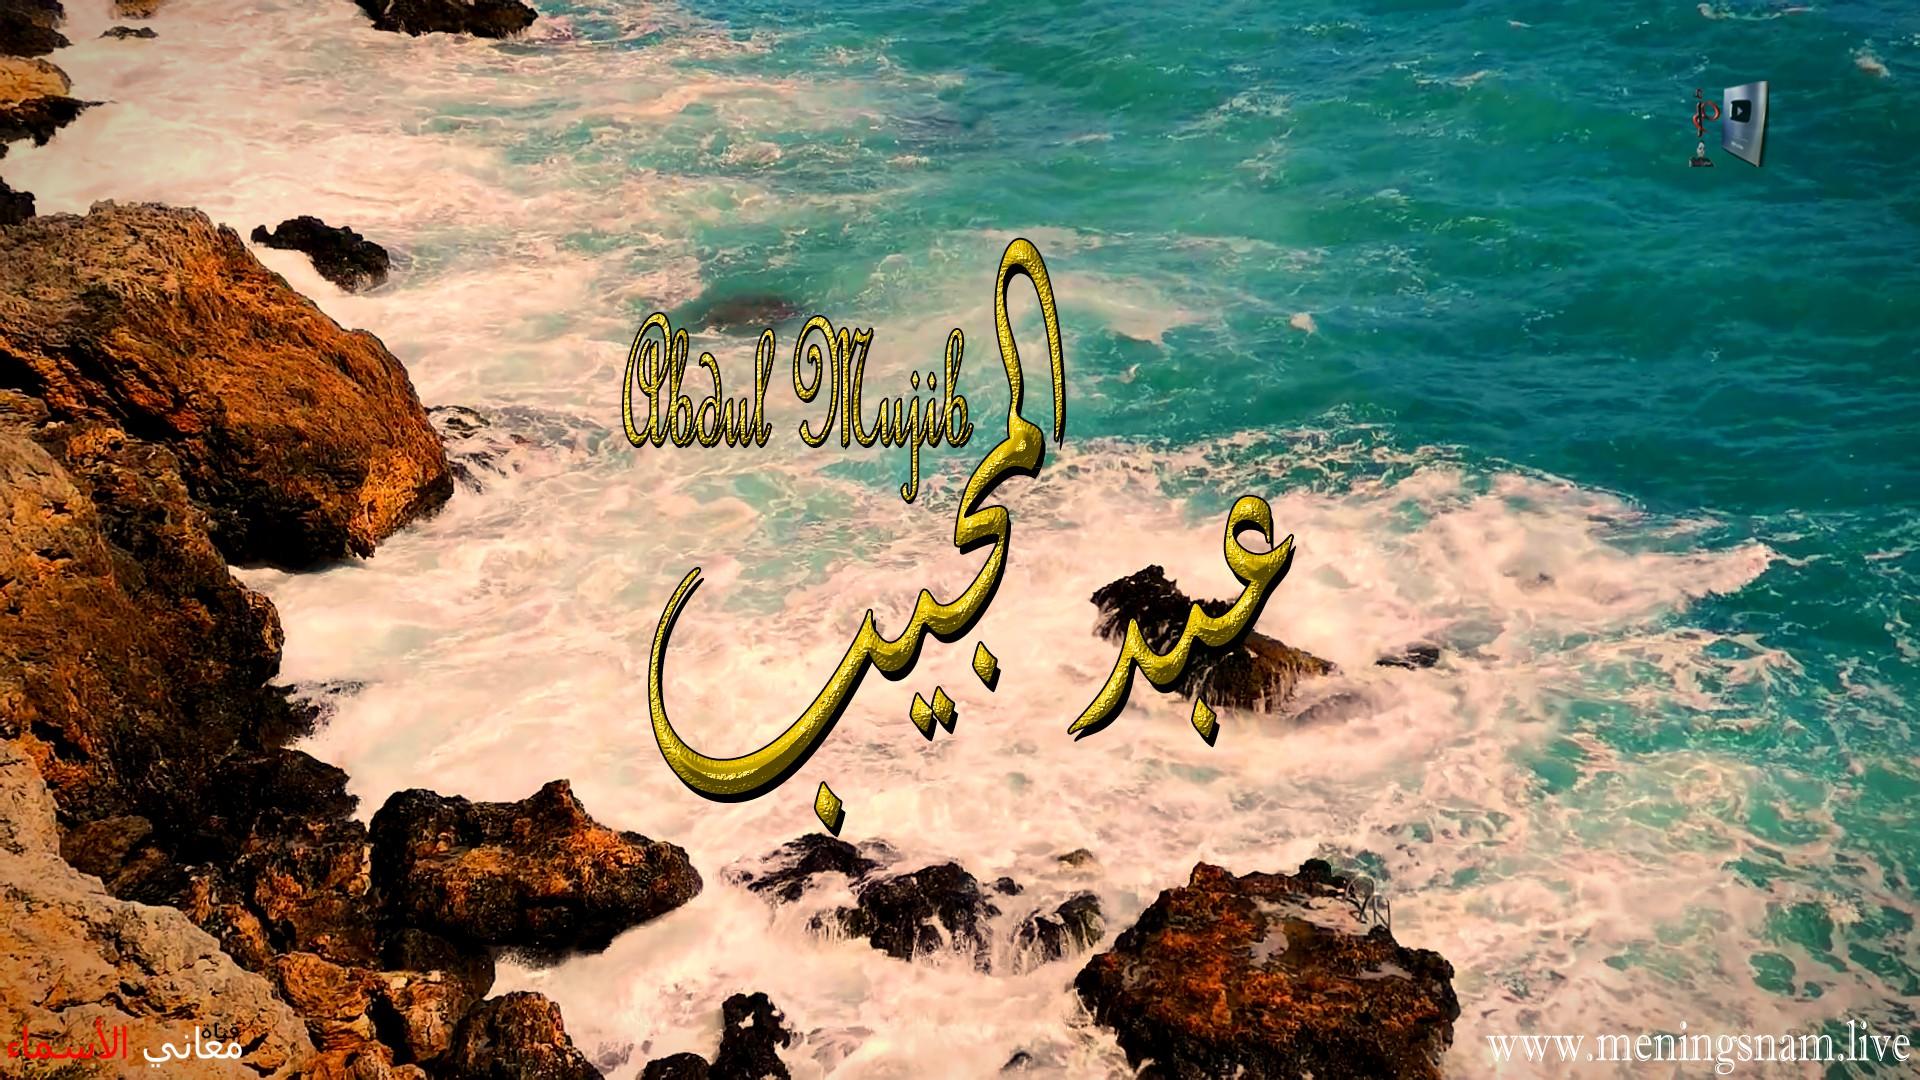 معنى اسم عبد المجيد وصفات حامل هذا الاسم Abdul Mojib